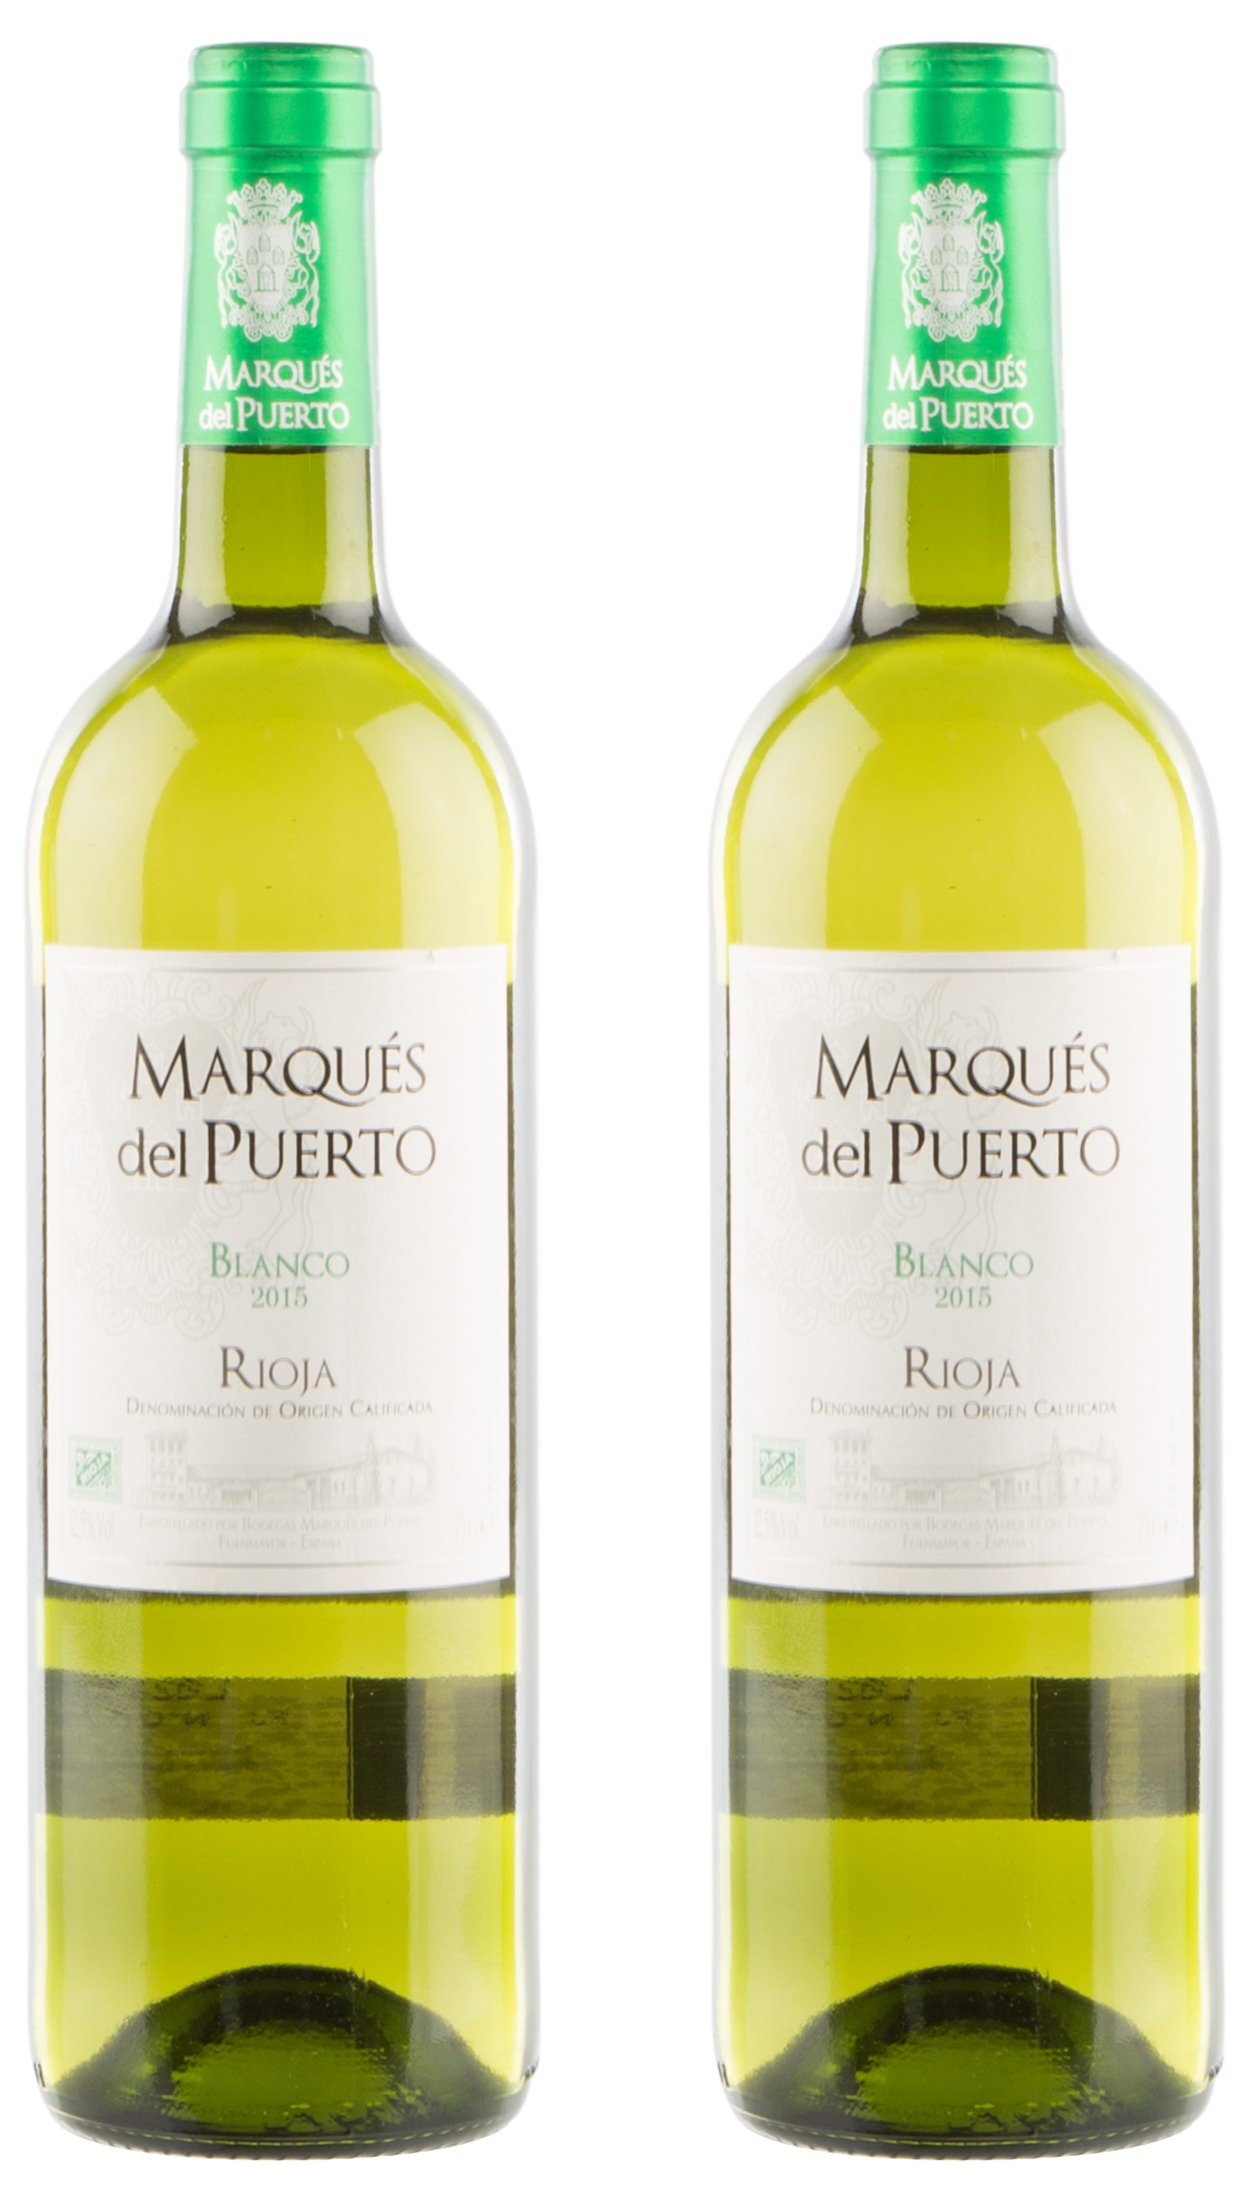 Marqus-del-Puerto-Bianco-spanischer-Rioja-Weiwein-3-x075-l